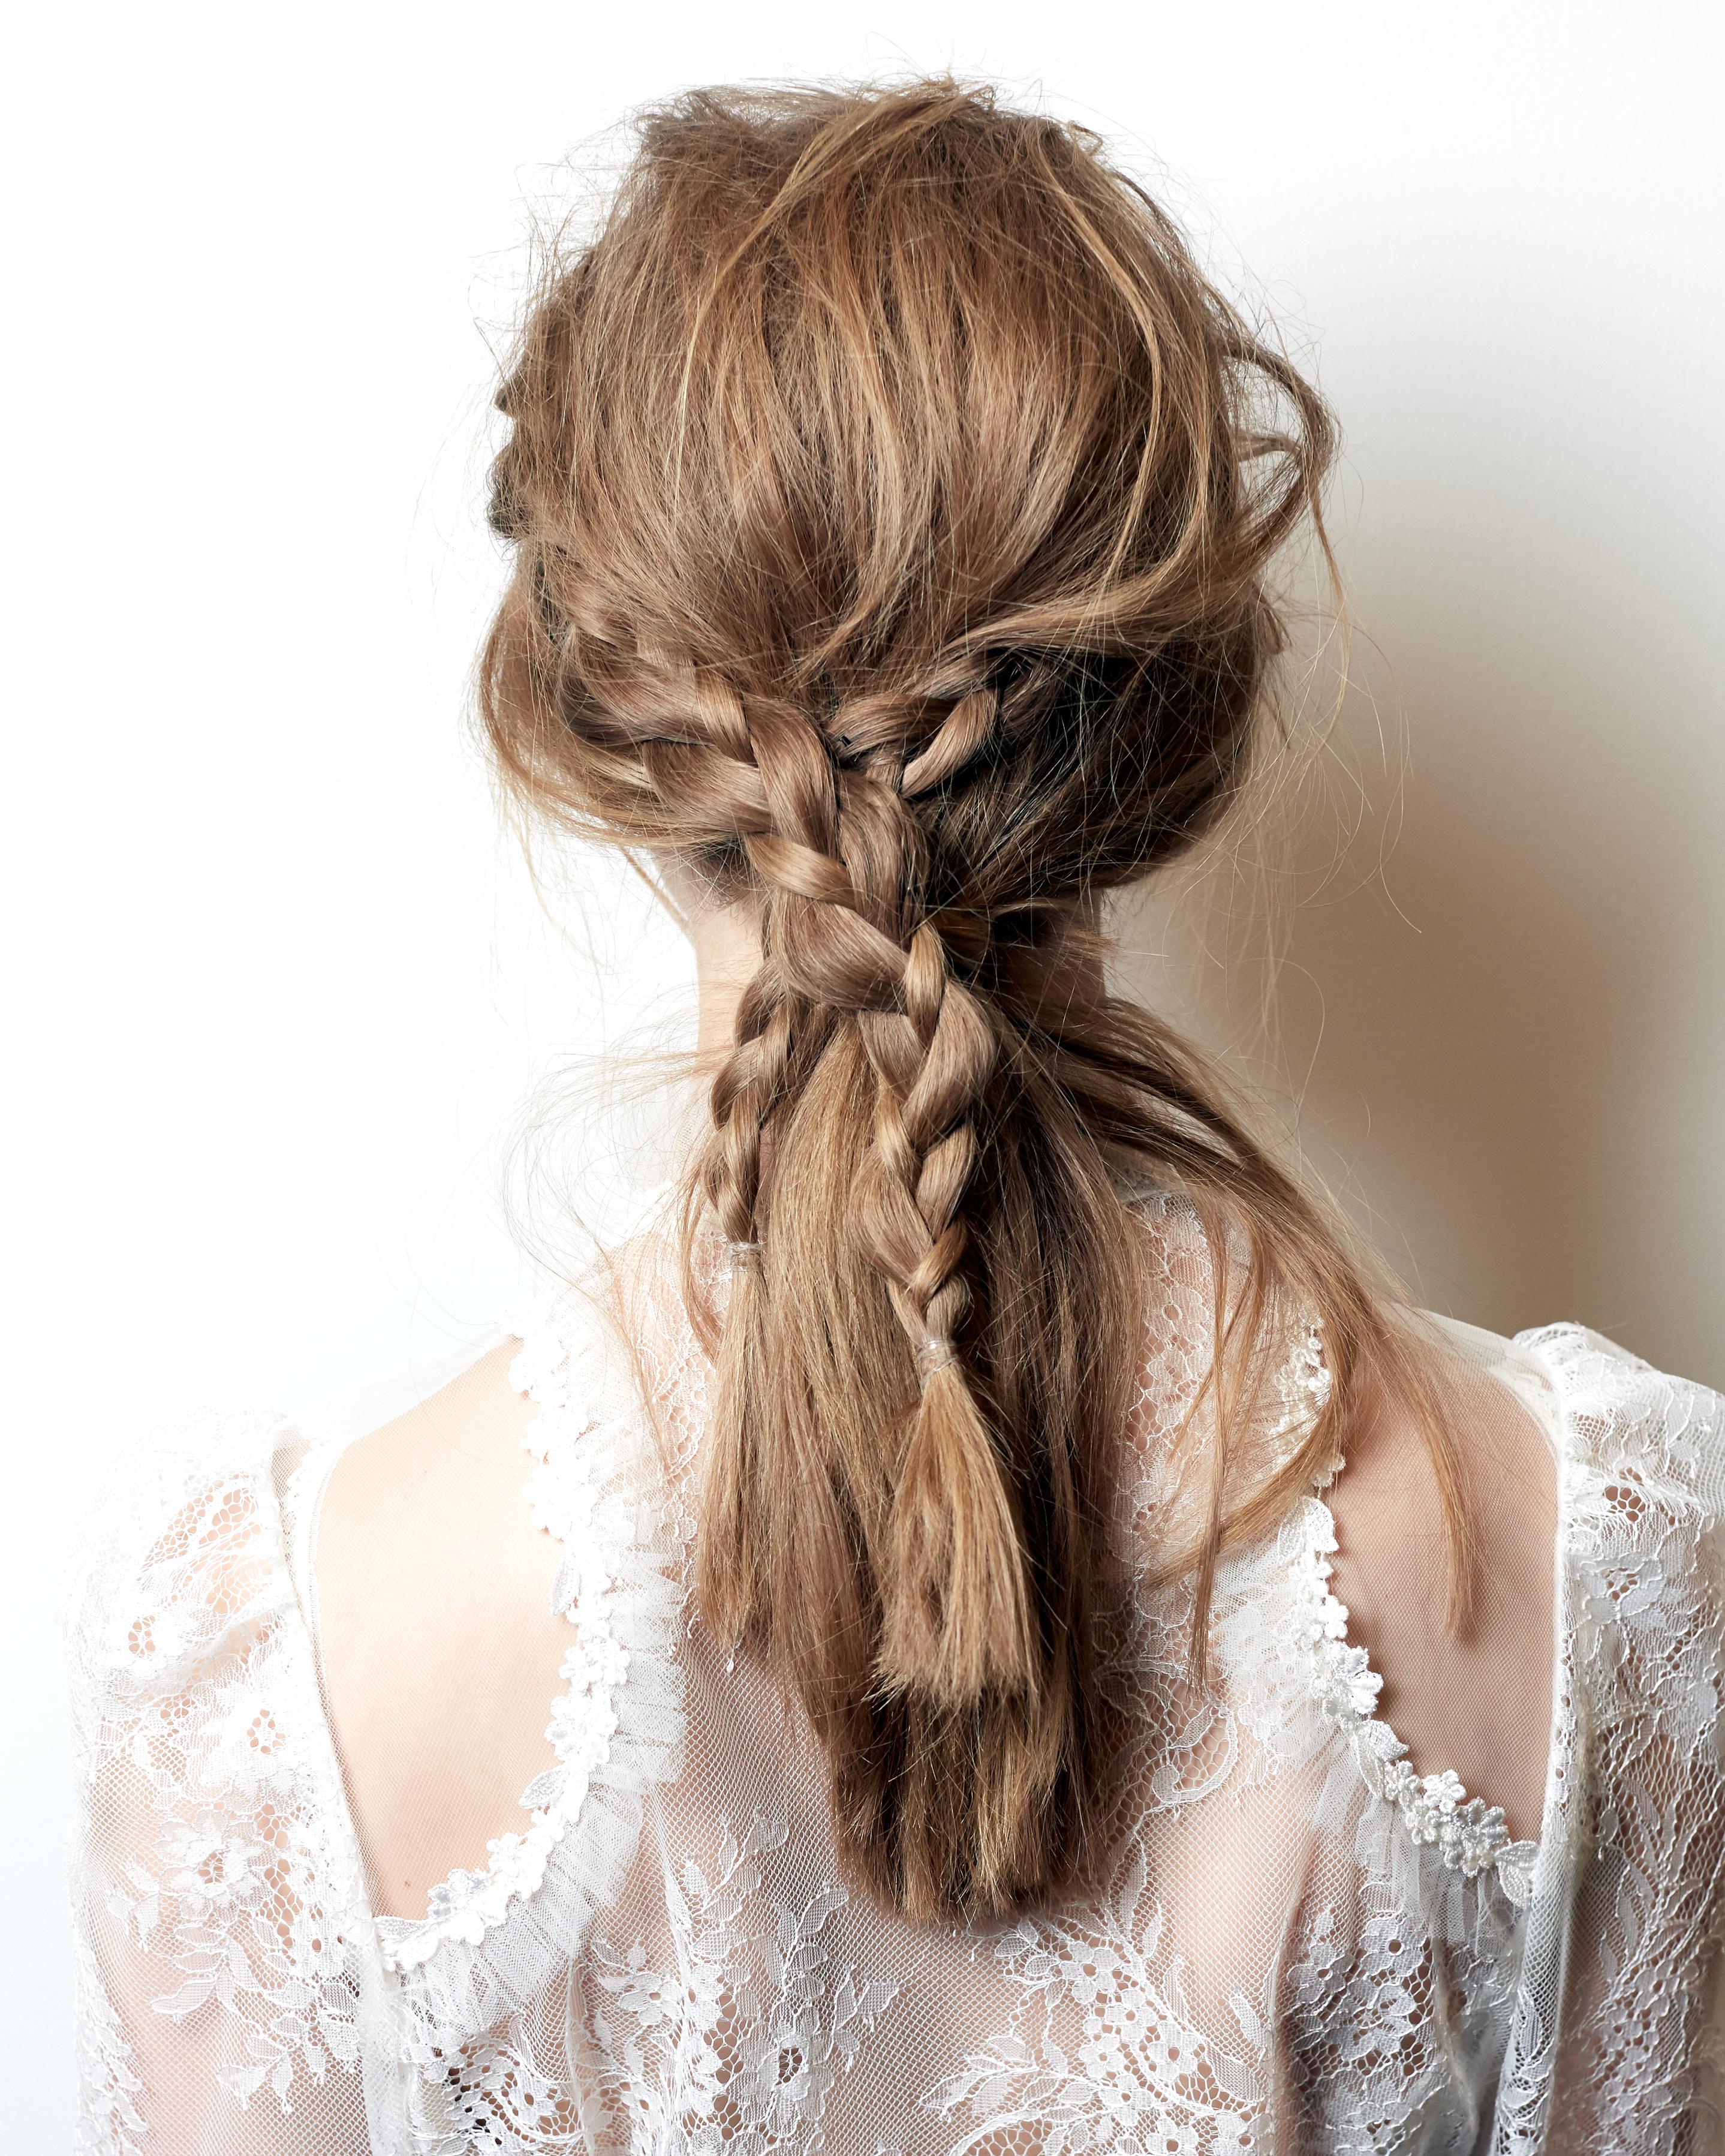 textured-hair-claire-pettibone-spring2016-bridal-show-0515.jpg